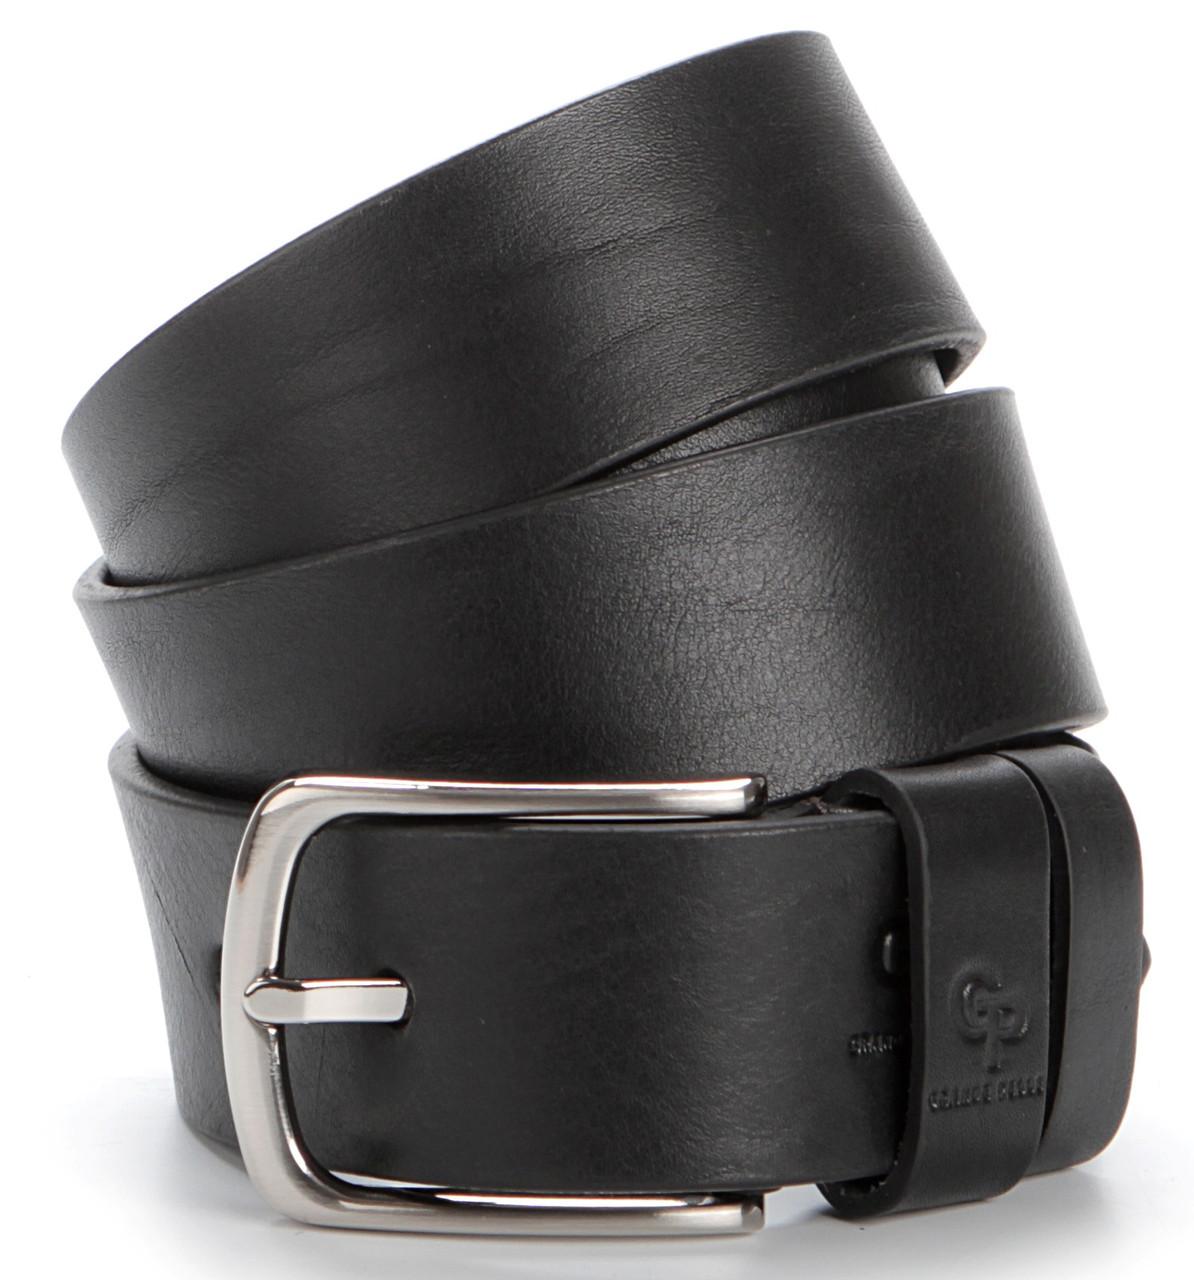 Ремень мужской GRANDE PELLE 00778 джинсовый Черный